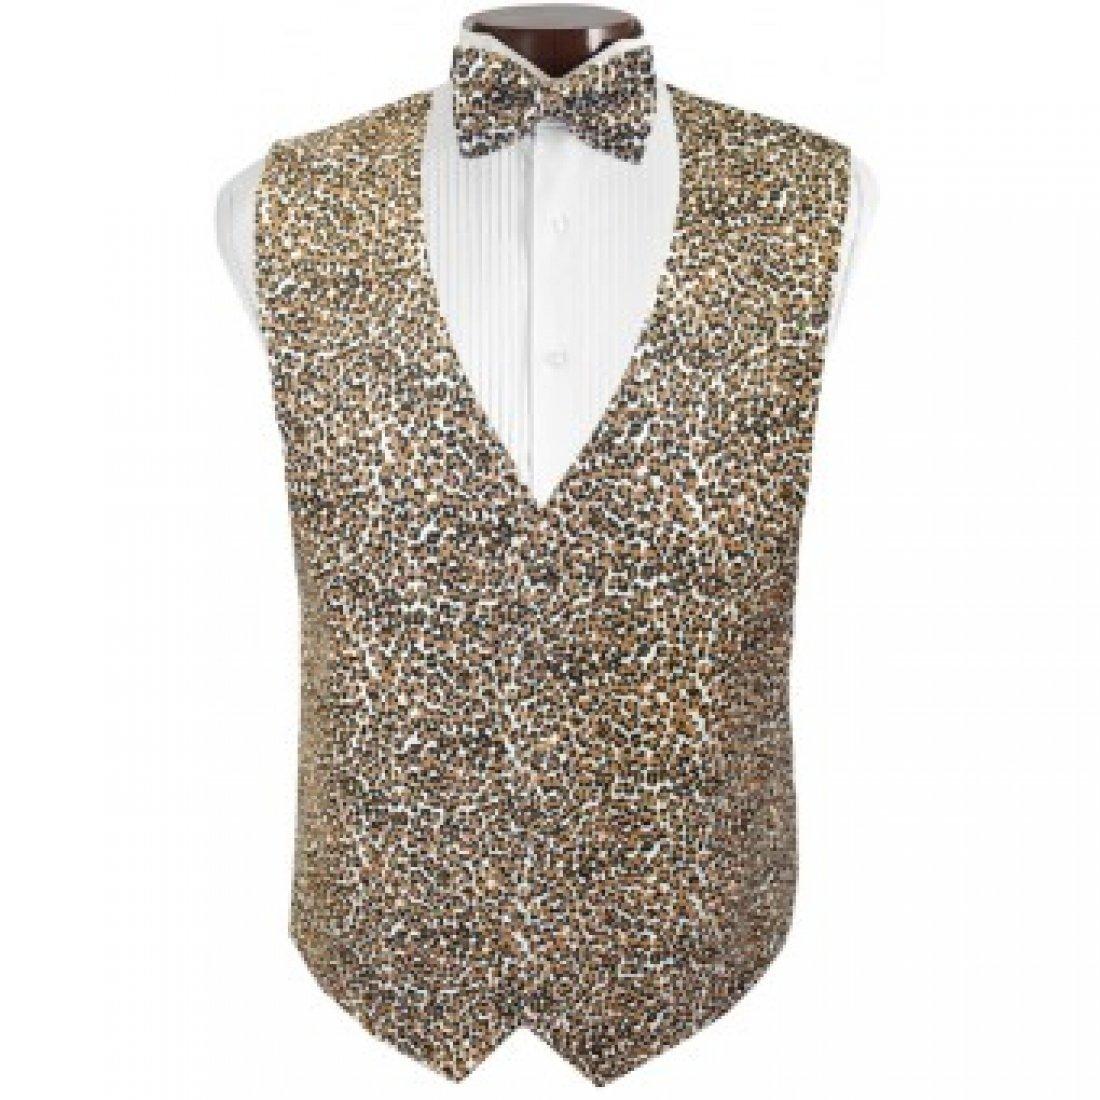 Cheetah Tuxedo Vest and Bow Tie